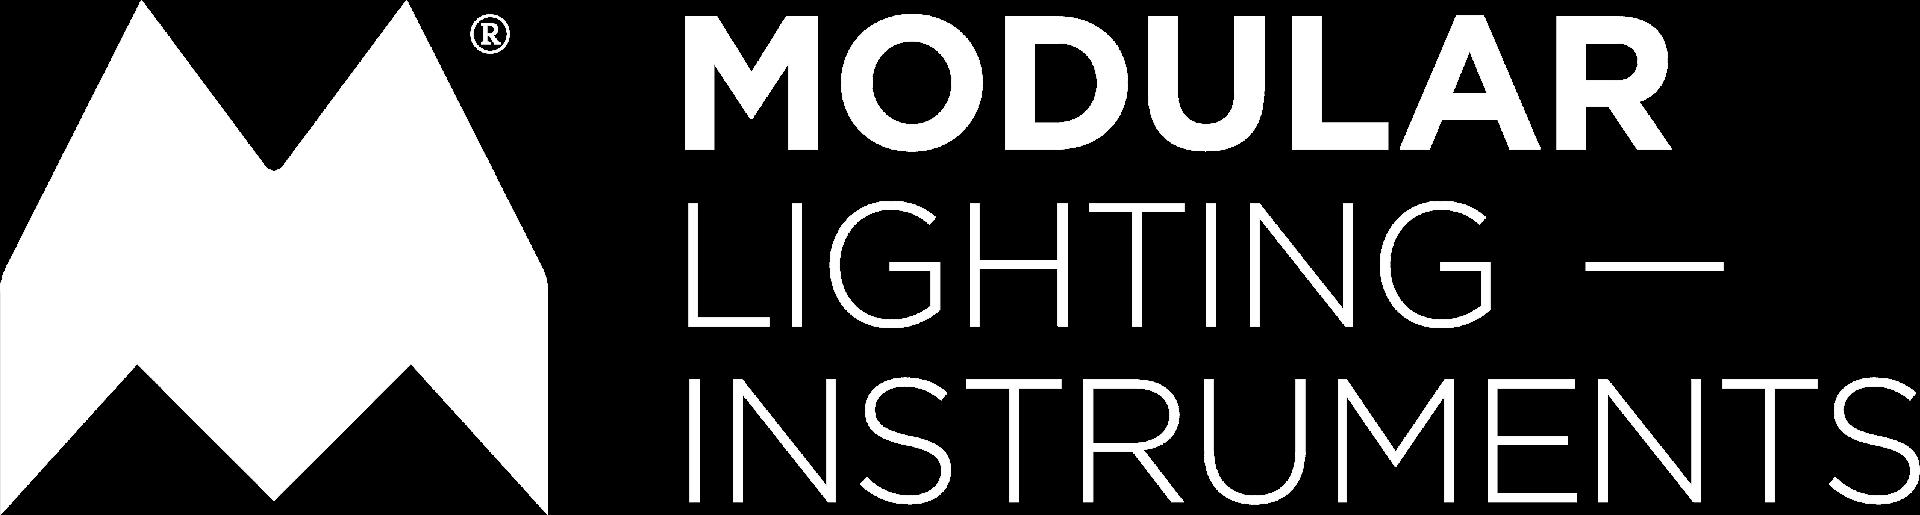 modular_logo.png